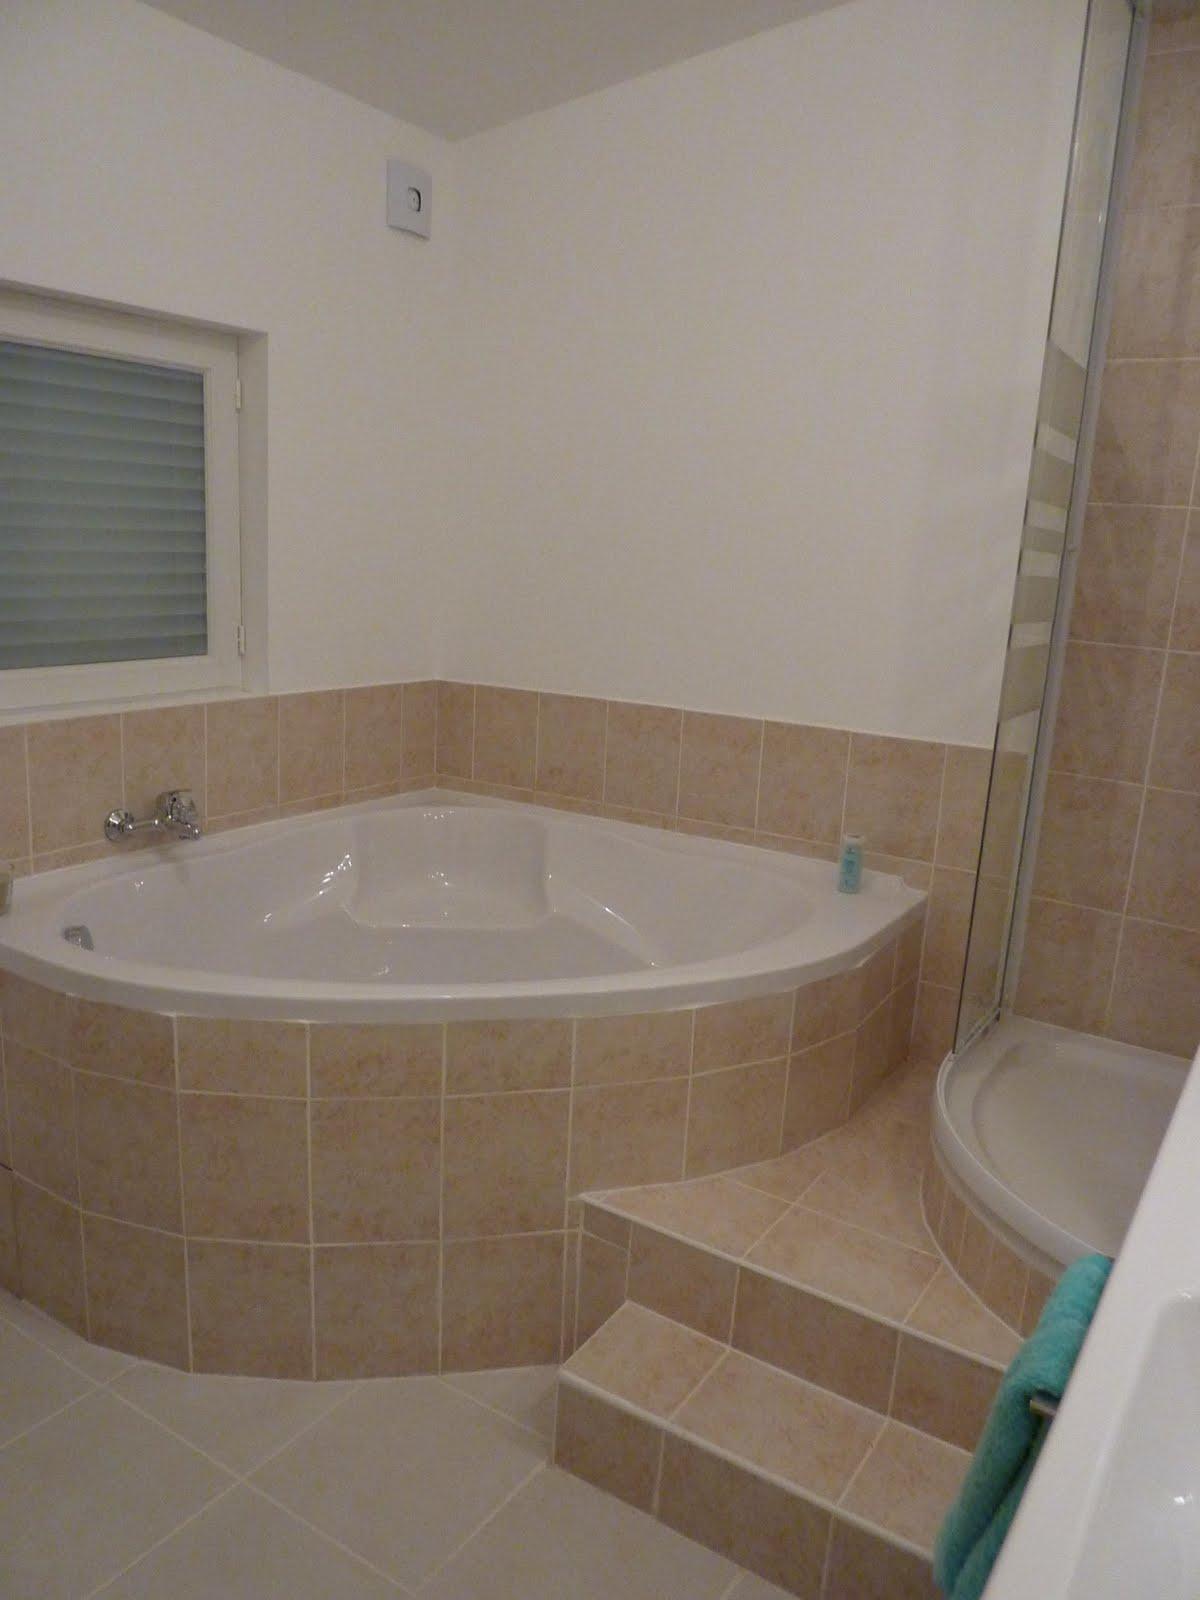 salle de bain avec douche et baignoire. Black Bedroom Furniture Sets. Home Design Ideas